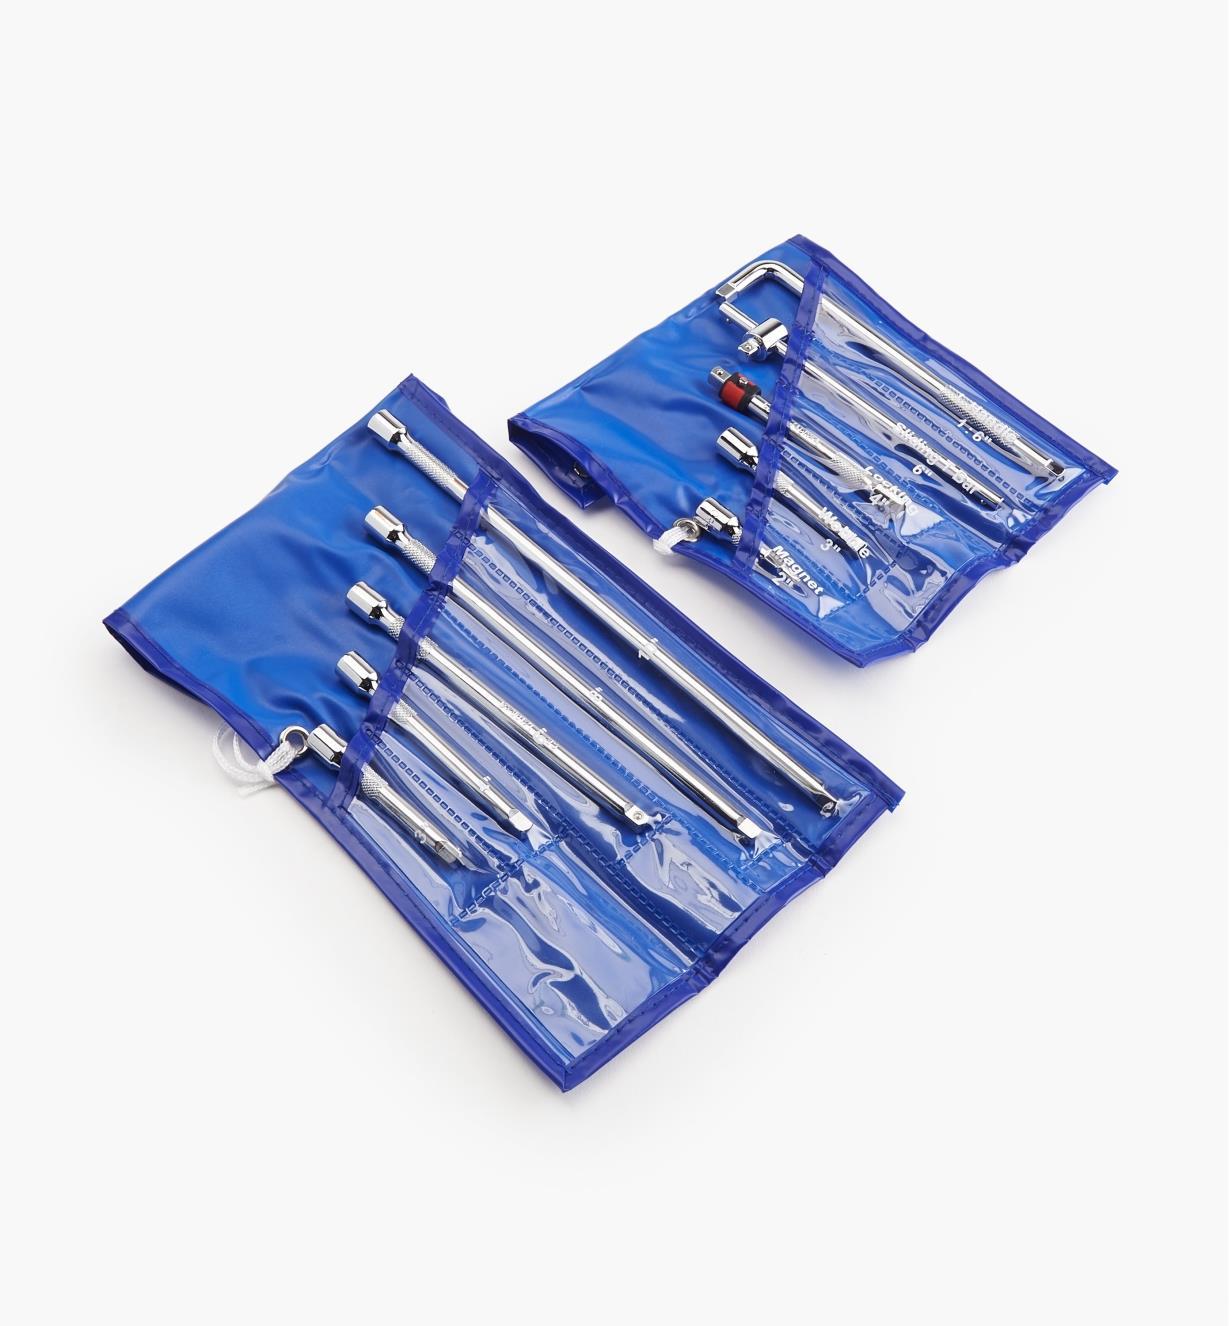 17K0165 - Ensemble de rallonges et d'accessoires pour clé à douille, 1/4 po, 10 pièces